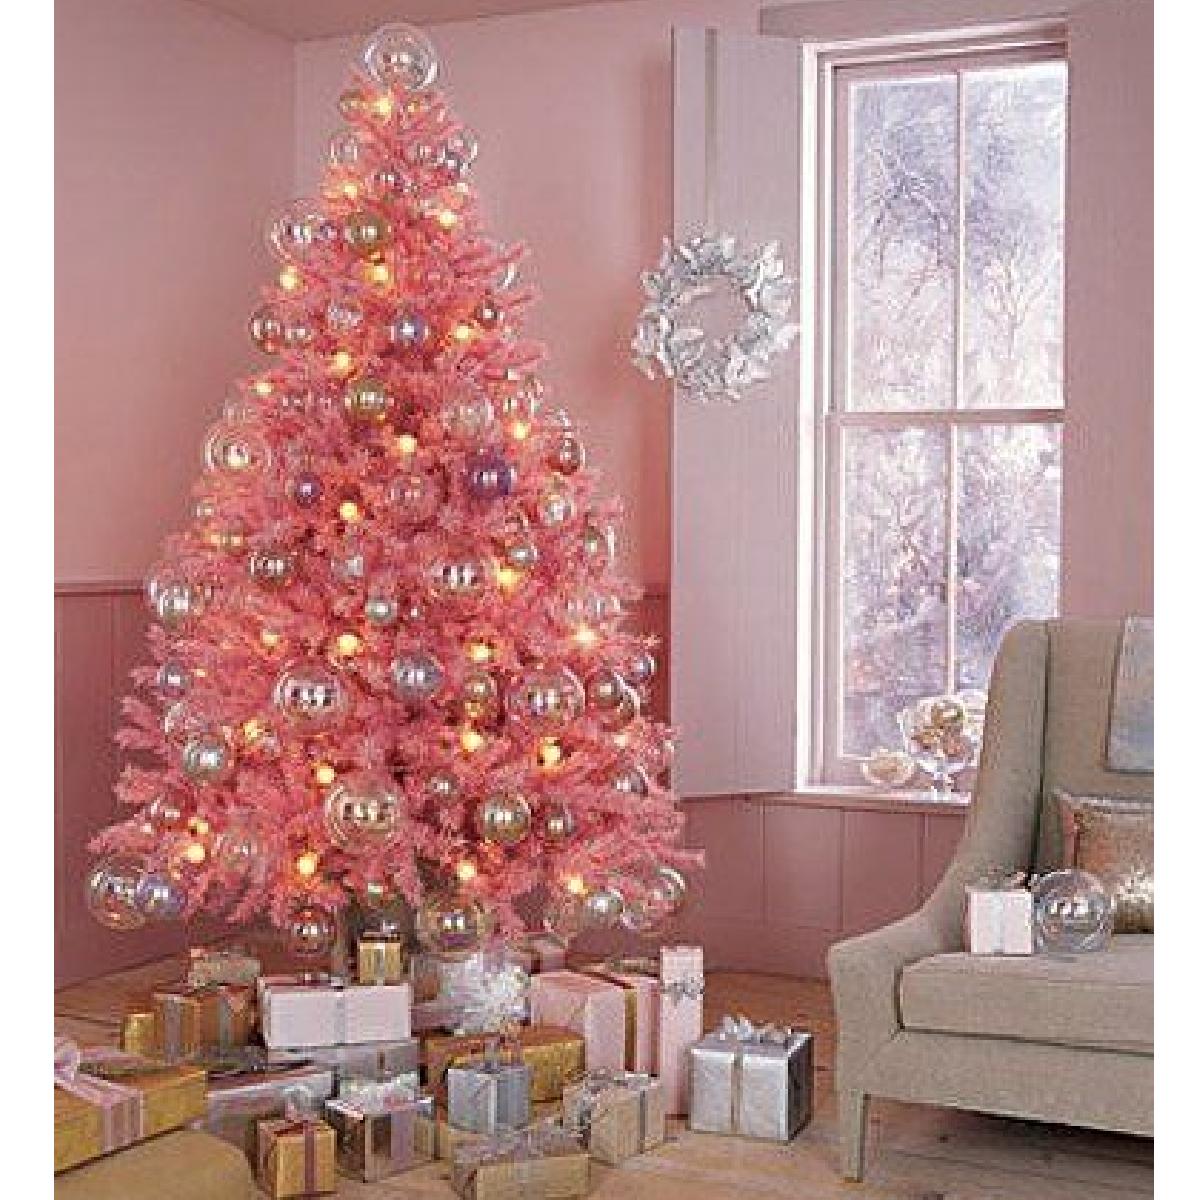 cadeaux 2 ouf id es de cadeaux insolites et originaux 10 sapins de no l insolites pour une. Black Bedroom Furniture Sets. Home Design Ideas